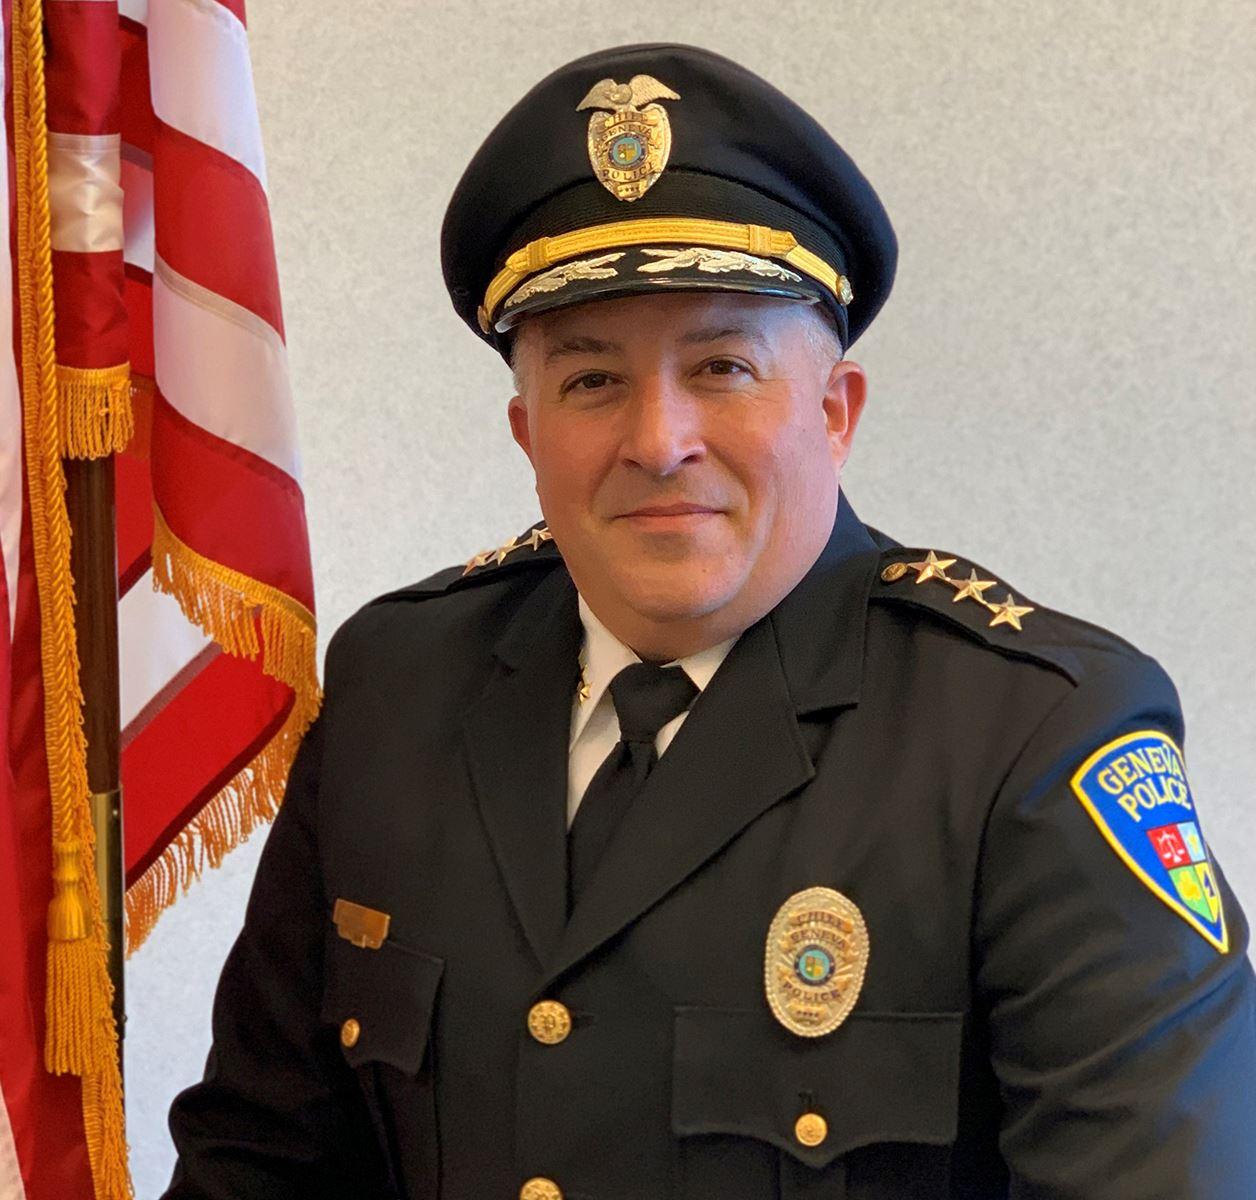 Police Chief Eric Passarelli